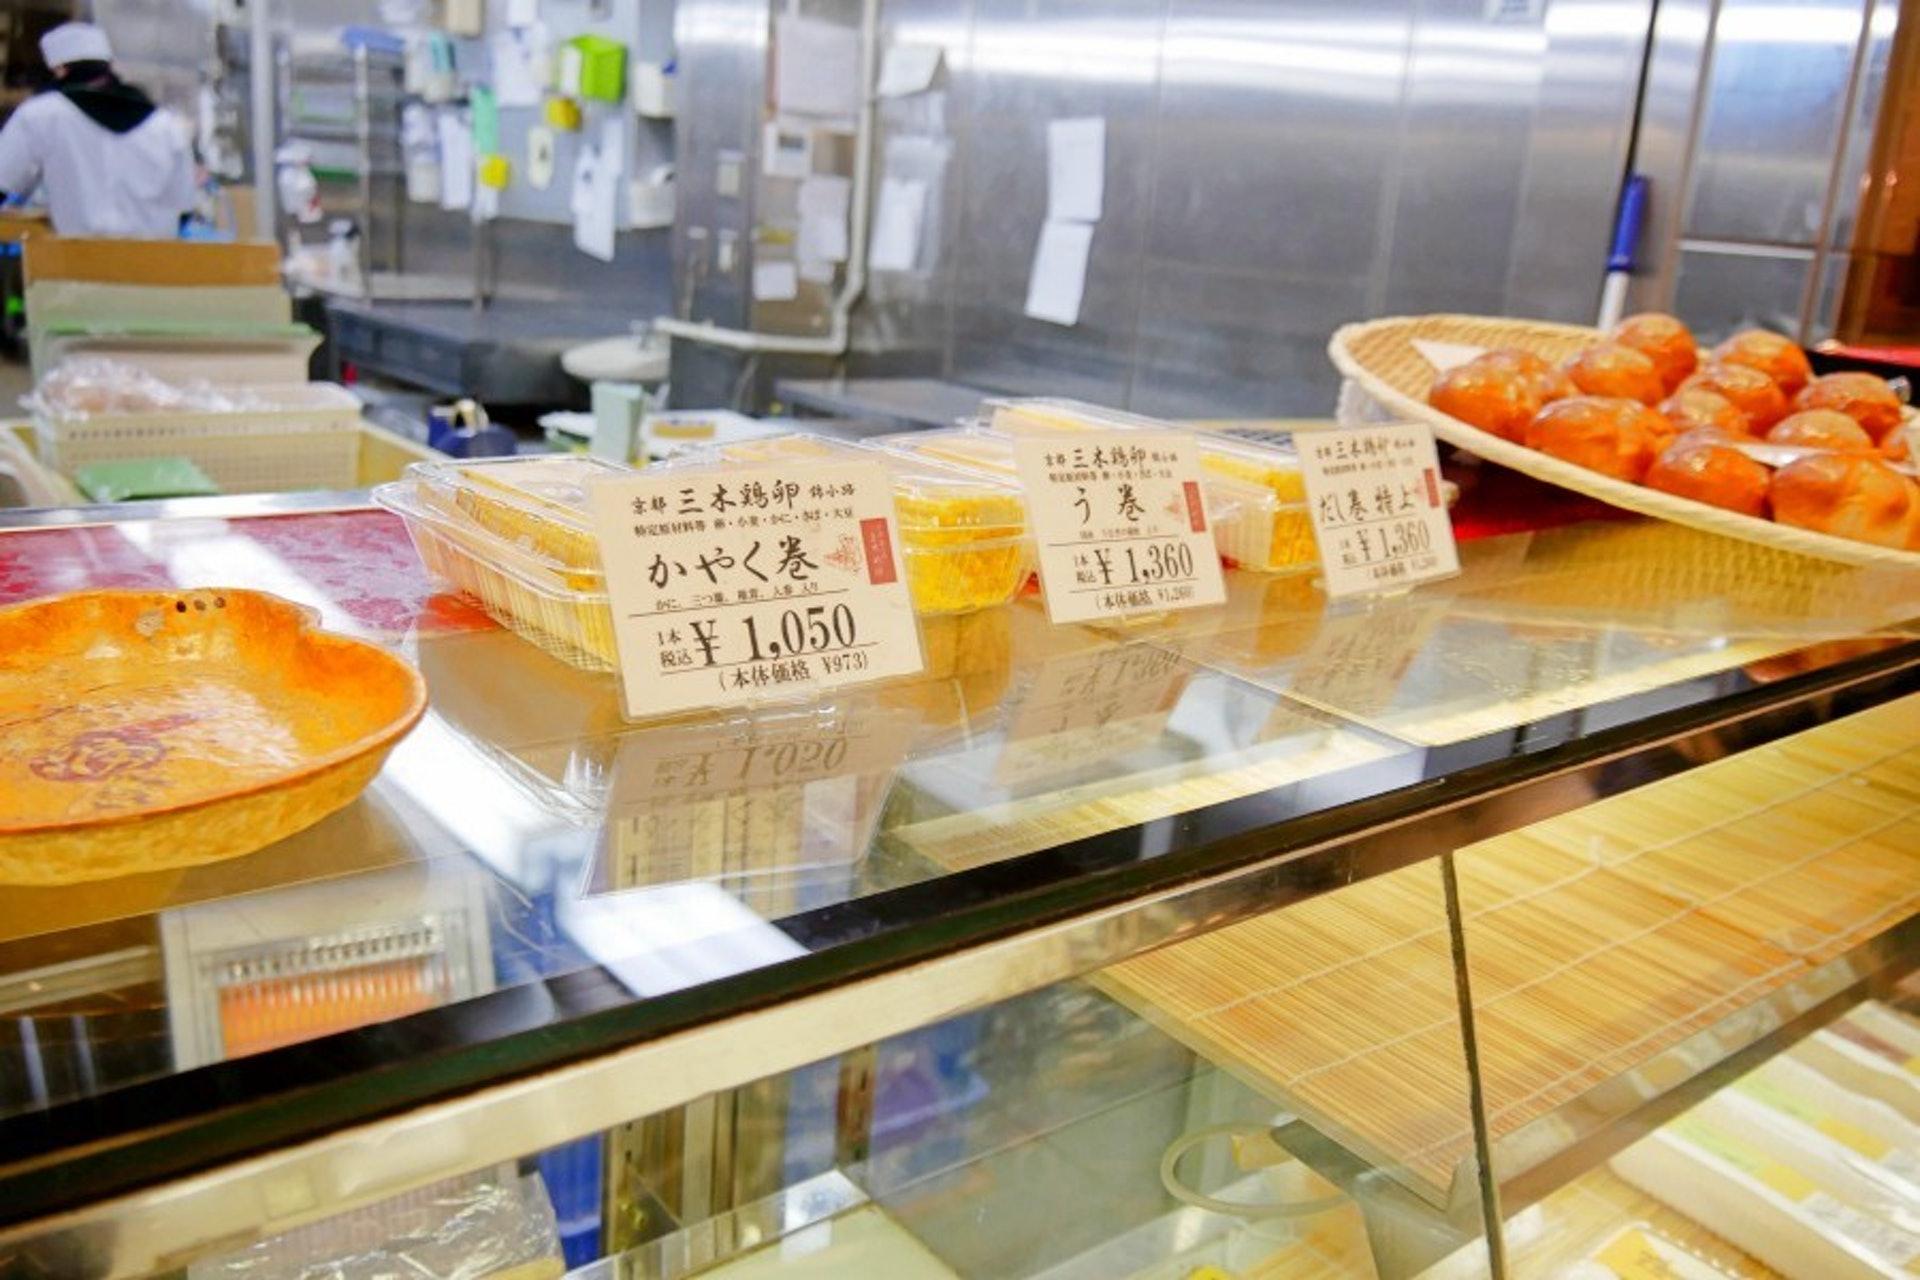 錦市場裡有許多賣玉子燒的店,當中的三木雞卵是最為有名!三木雞卵的玉子燒是以新鮮雞蛋、昆布湯和柴魚製成,口感綿密又扎實!(KKday)